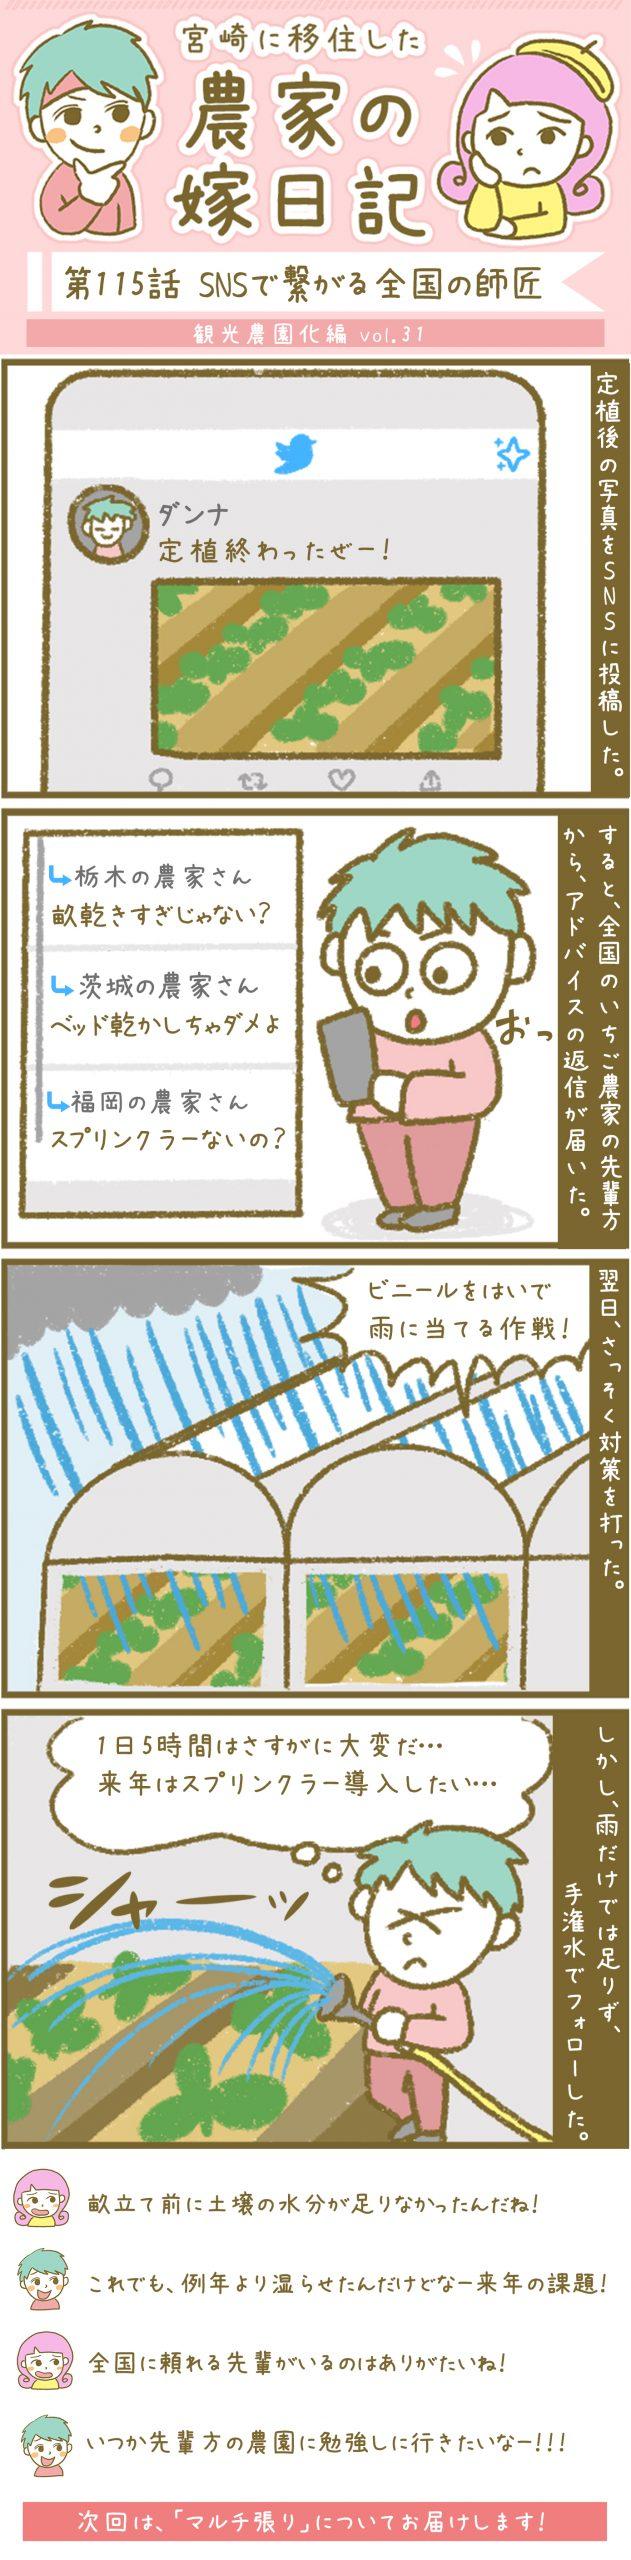 漫画第115話